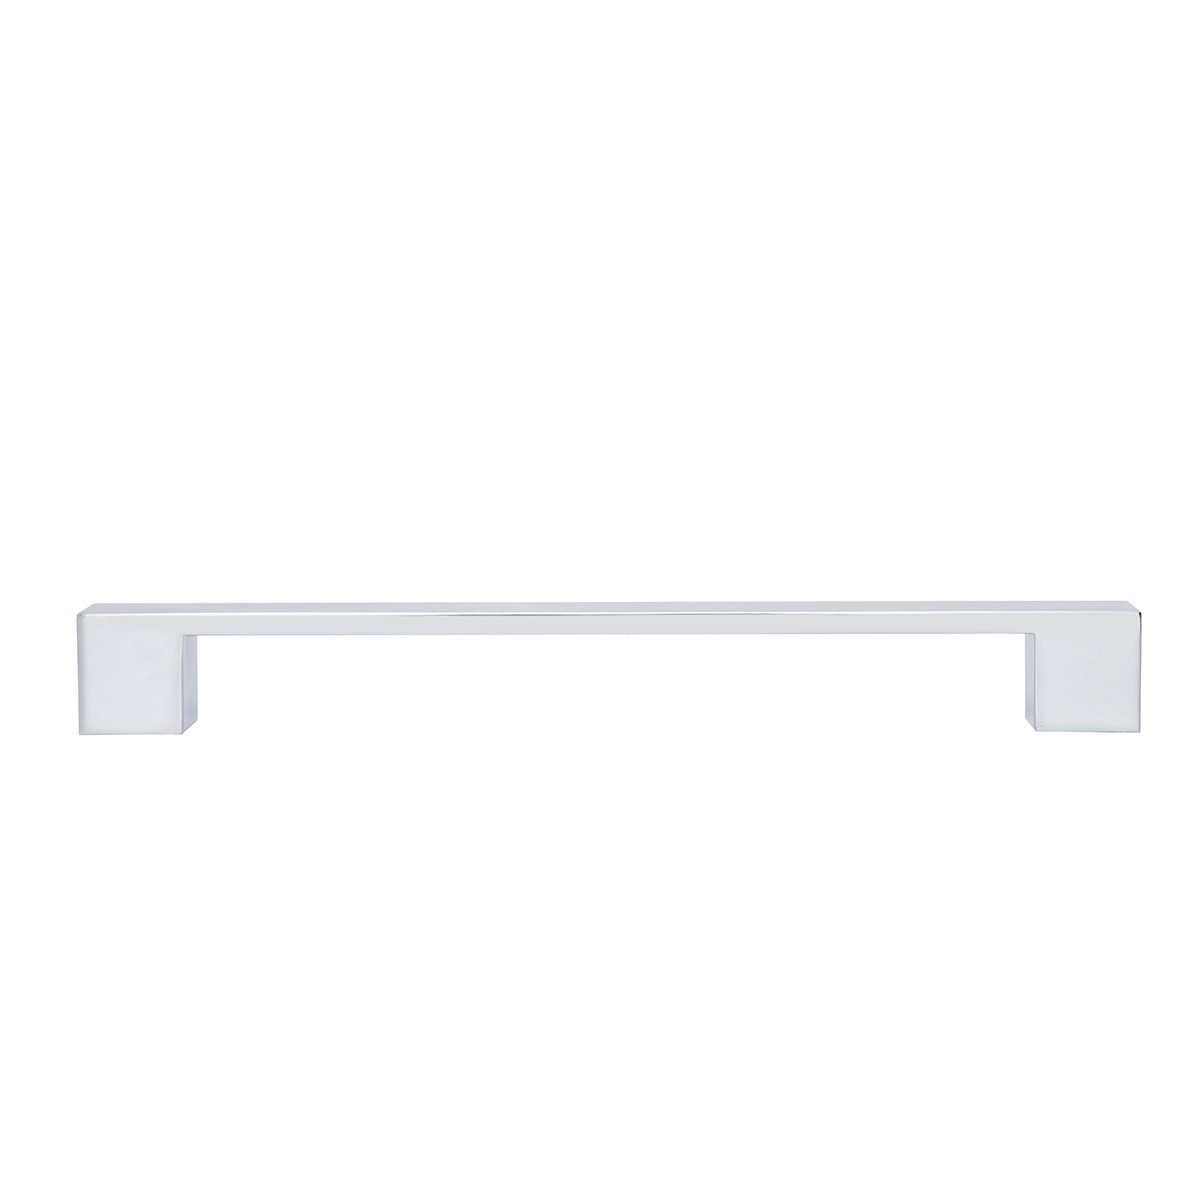 Tirador moderno y corto para armario 16,2 cm de longitud Cromo pulido Paquete de 10 Basics 12,7 cm de centro del orificio